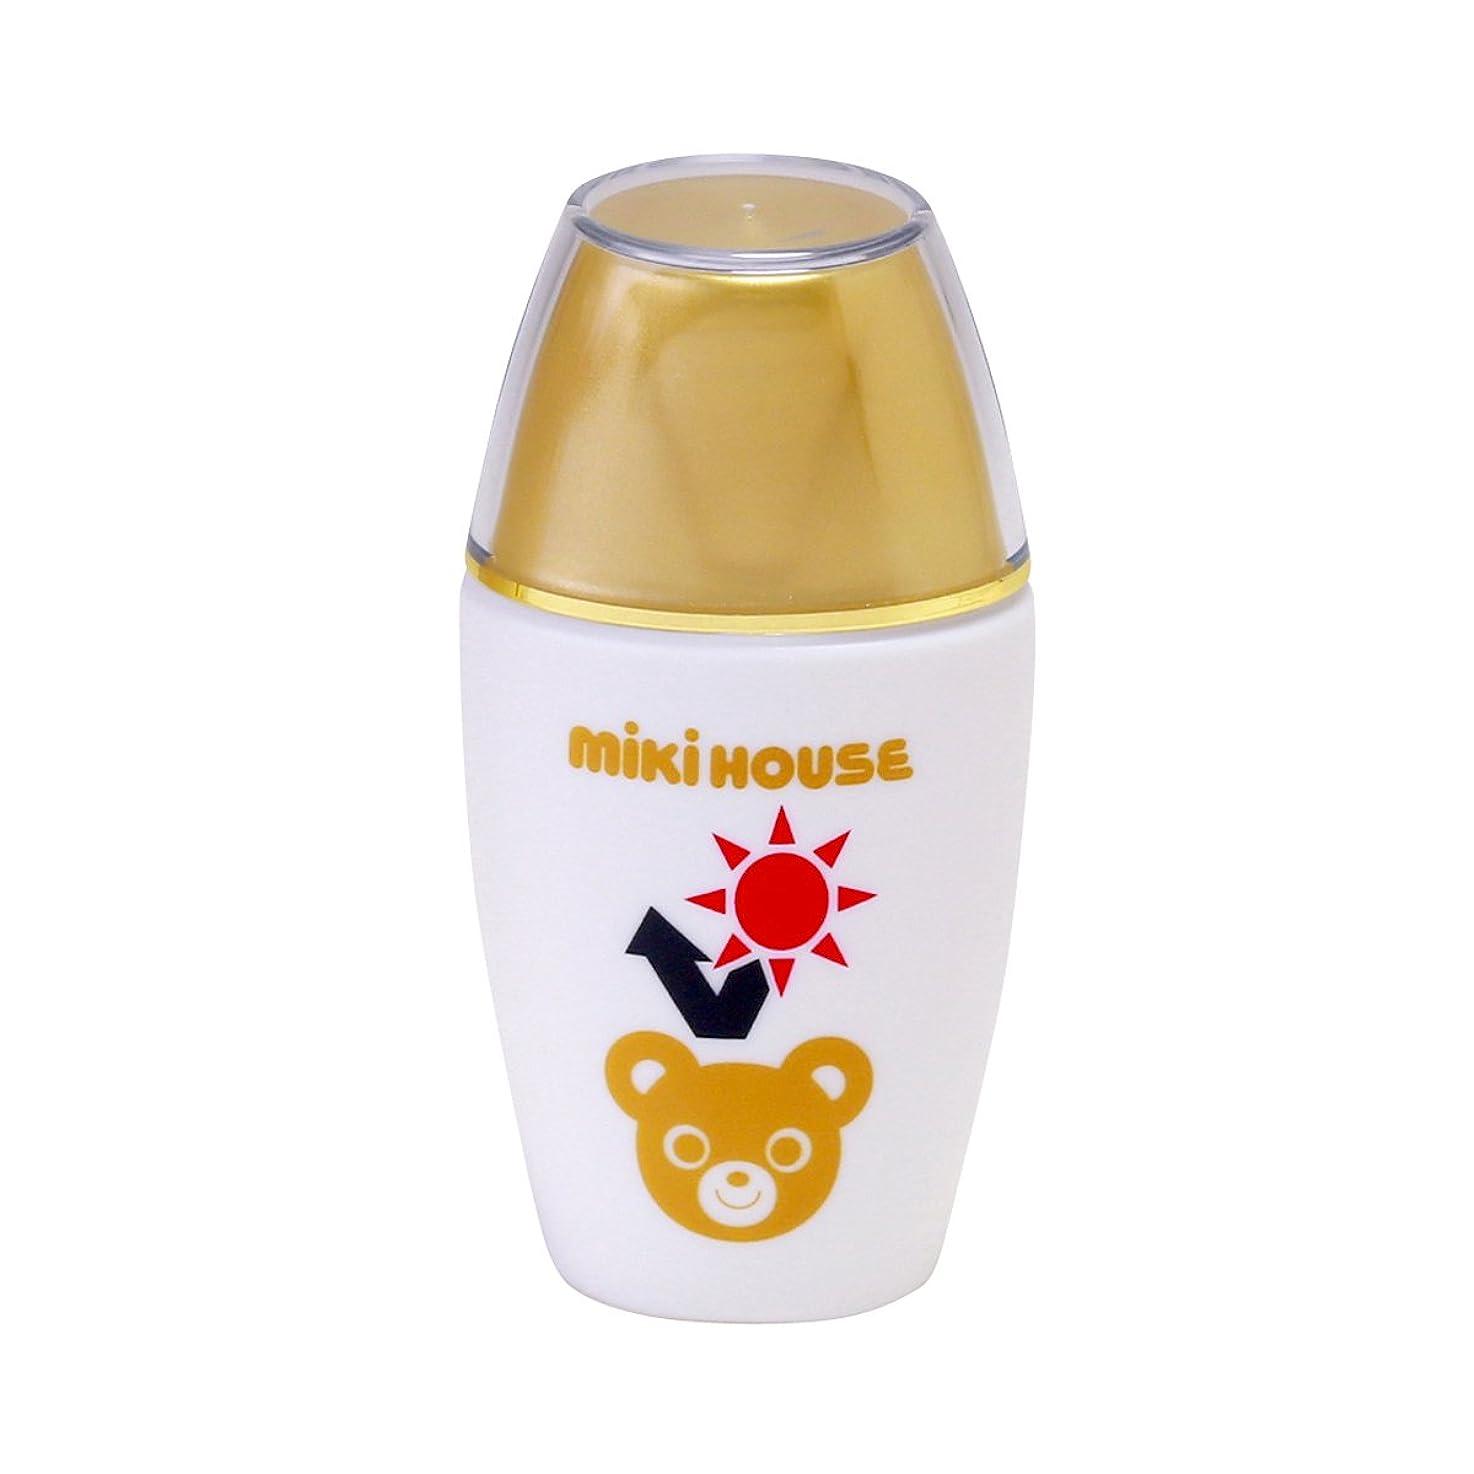 広告仮装エキゾチックミキハウス (MIKIHOUSE) UVカットミルク 15-3050-787 - -